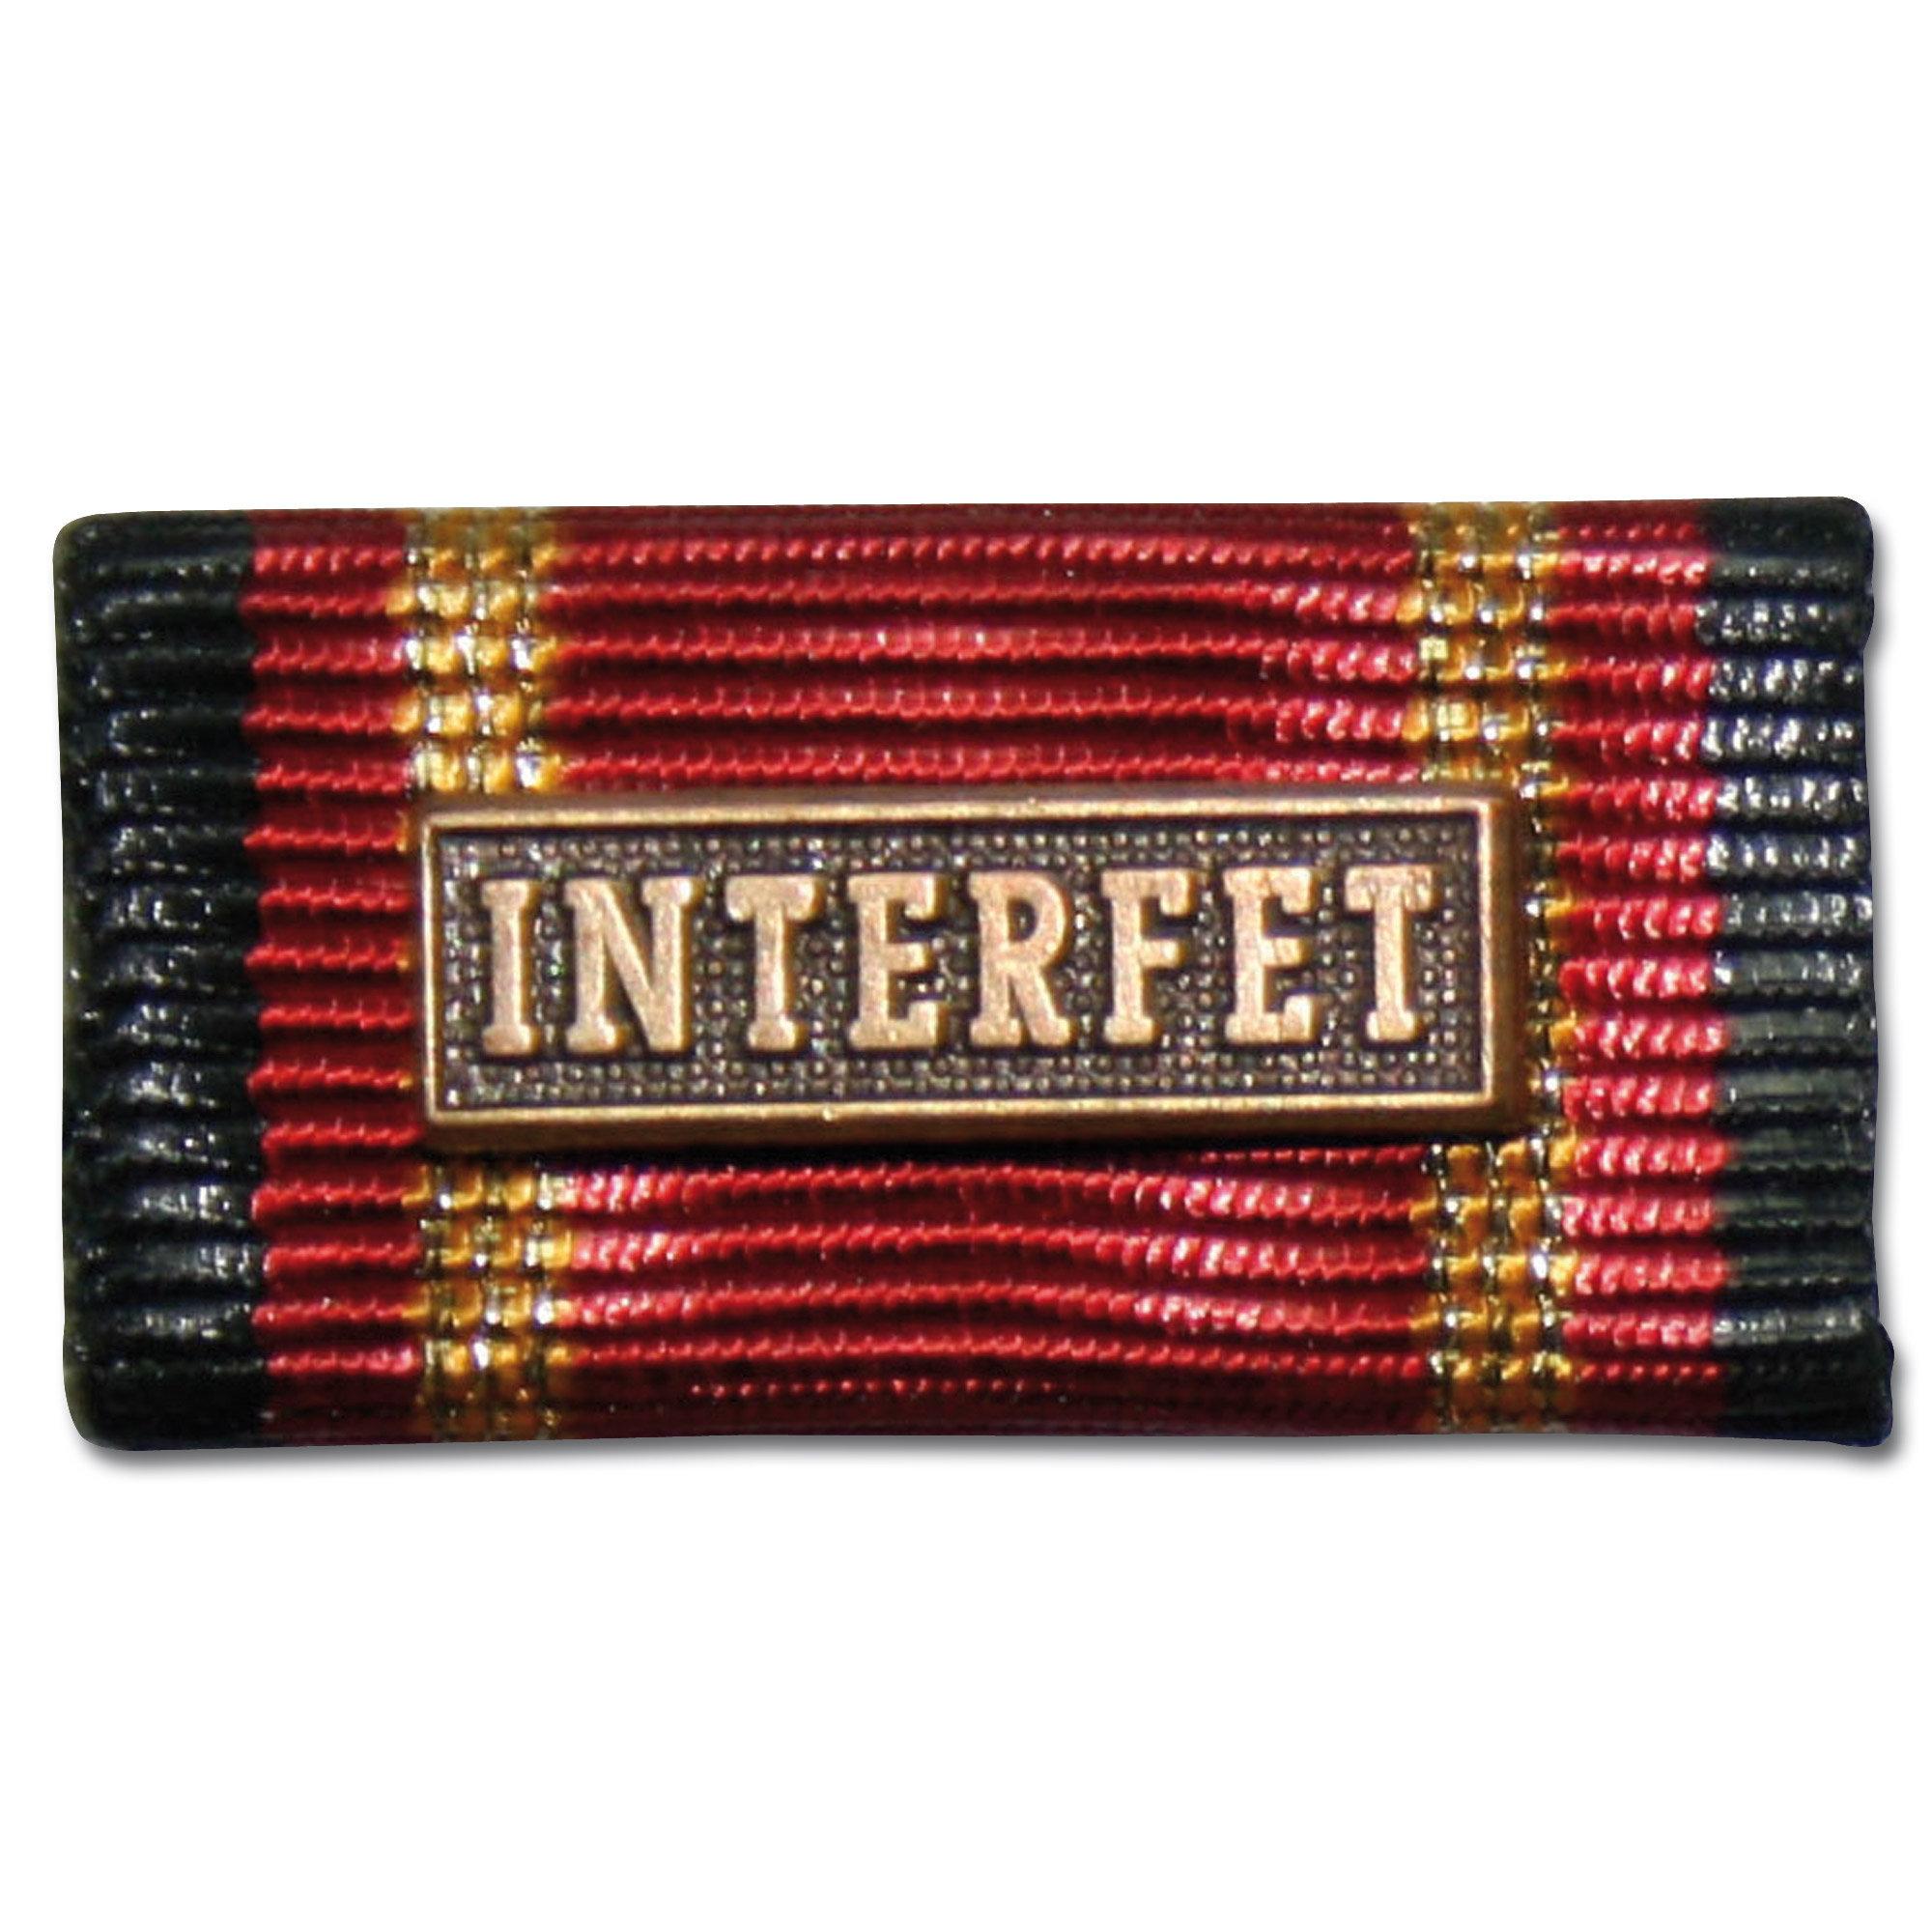 Ordensspange Auslandseinsatz INTERFET bronze